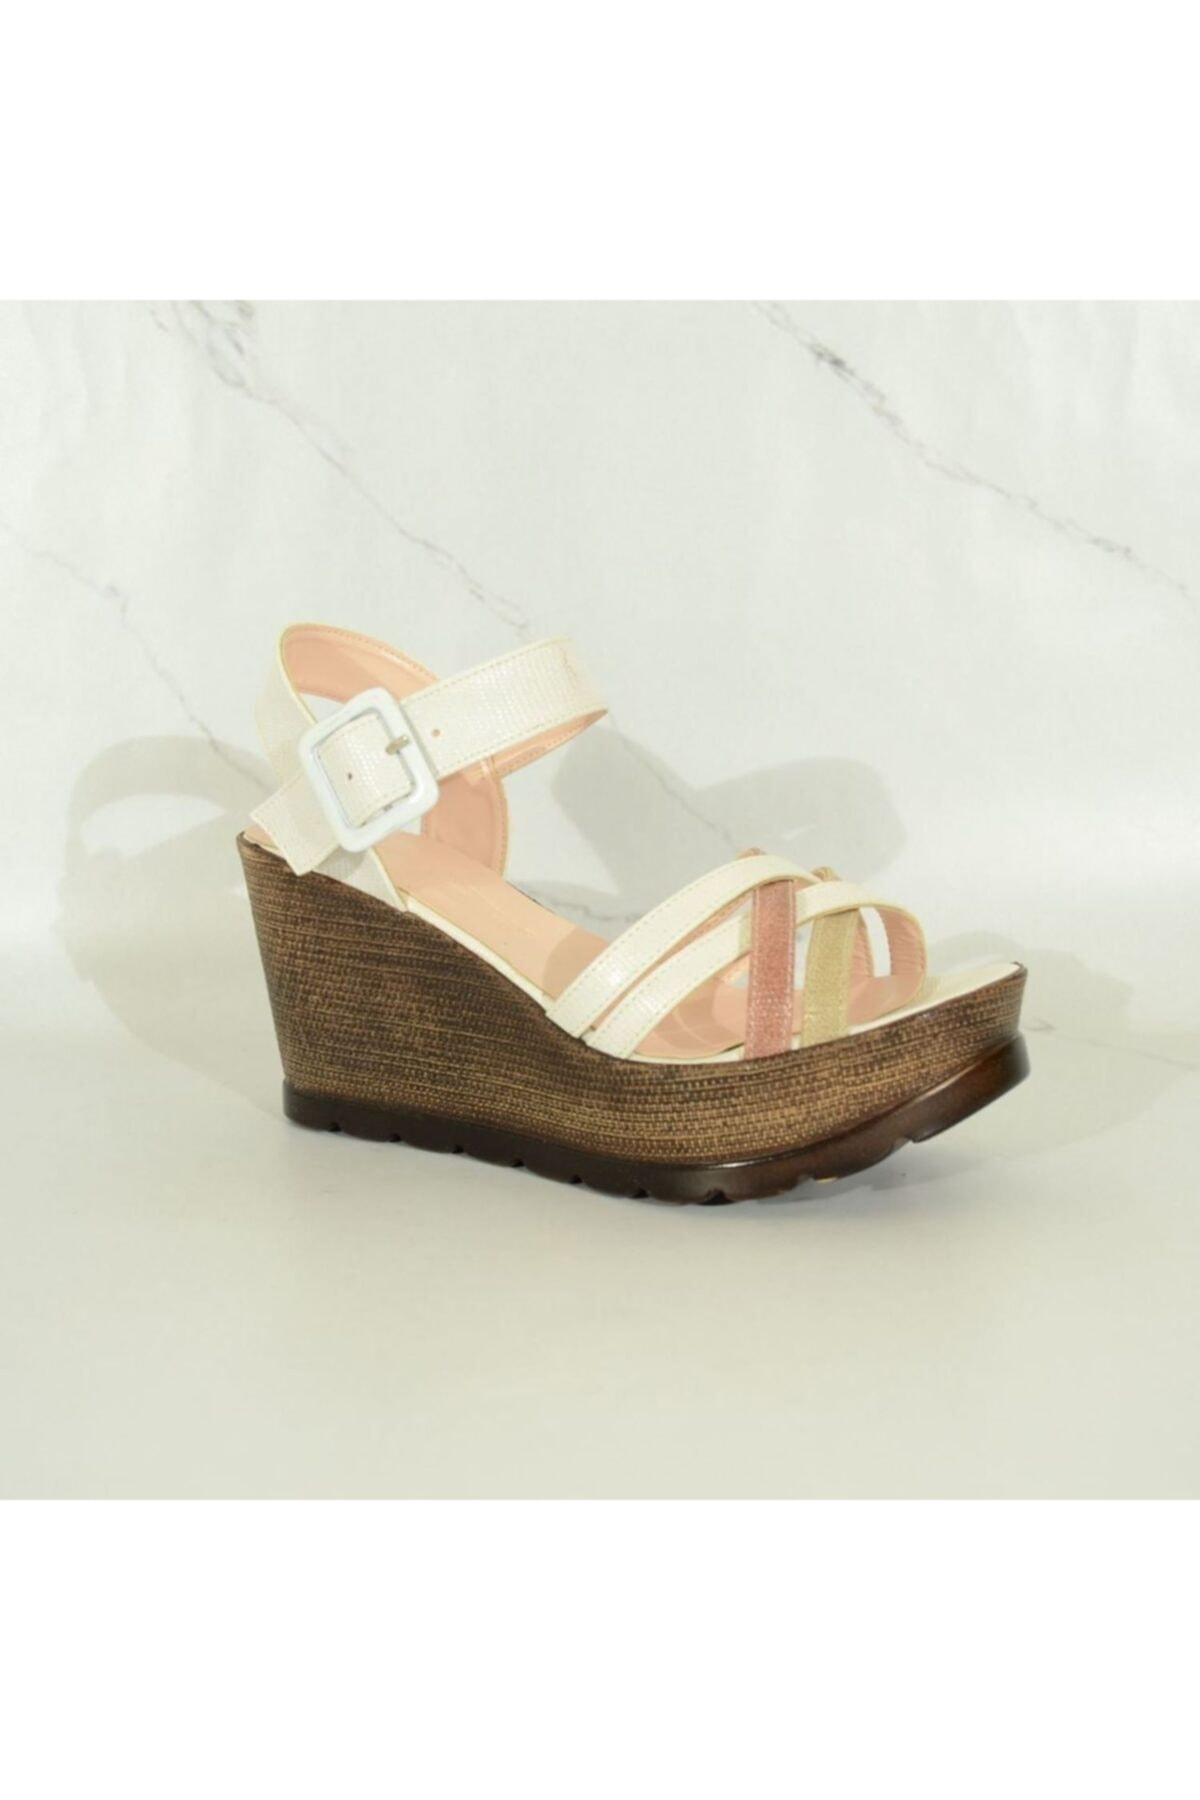 PUNTO 524004 Kadın Sandalet 2